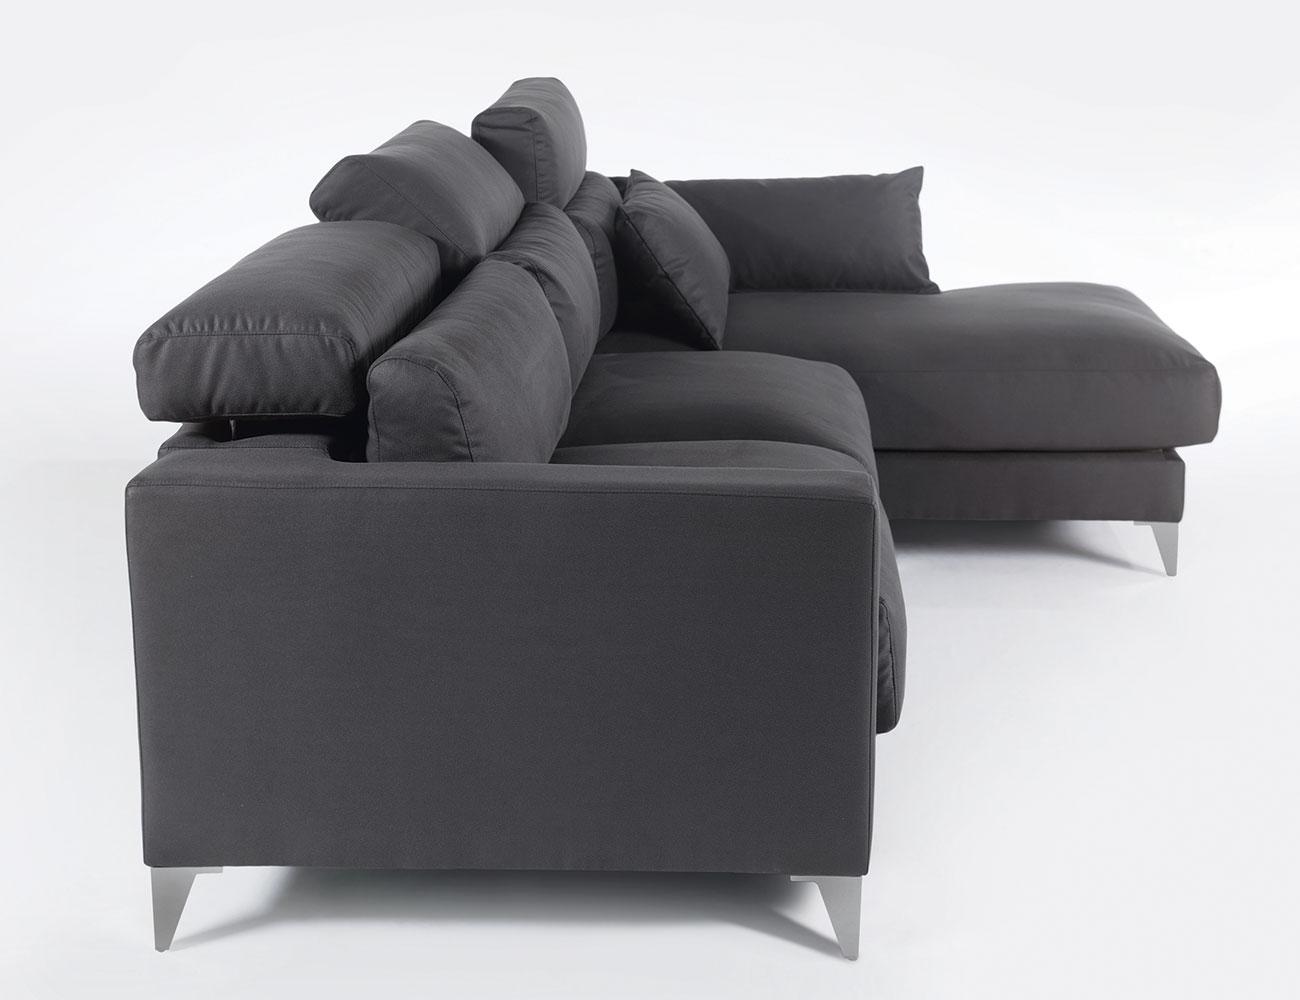 Sofa chaiselongue gran lujo decorativo grafito 19